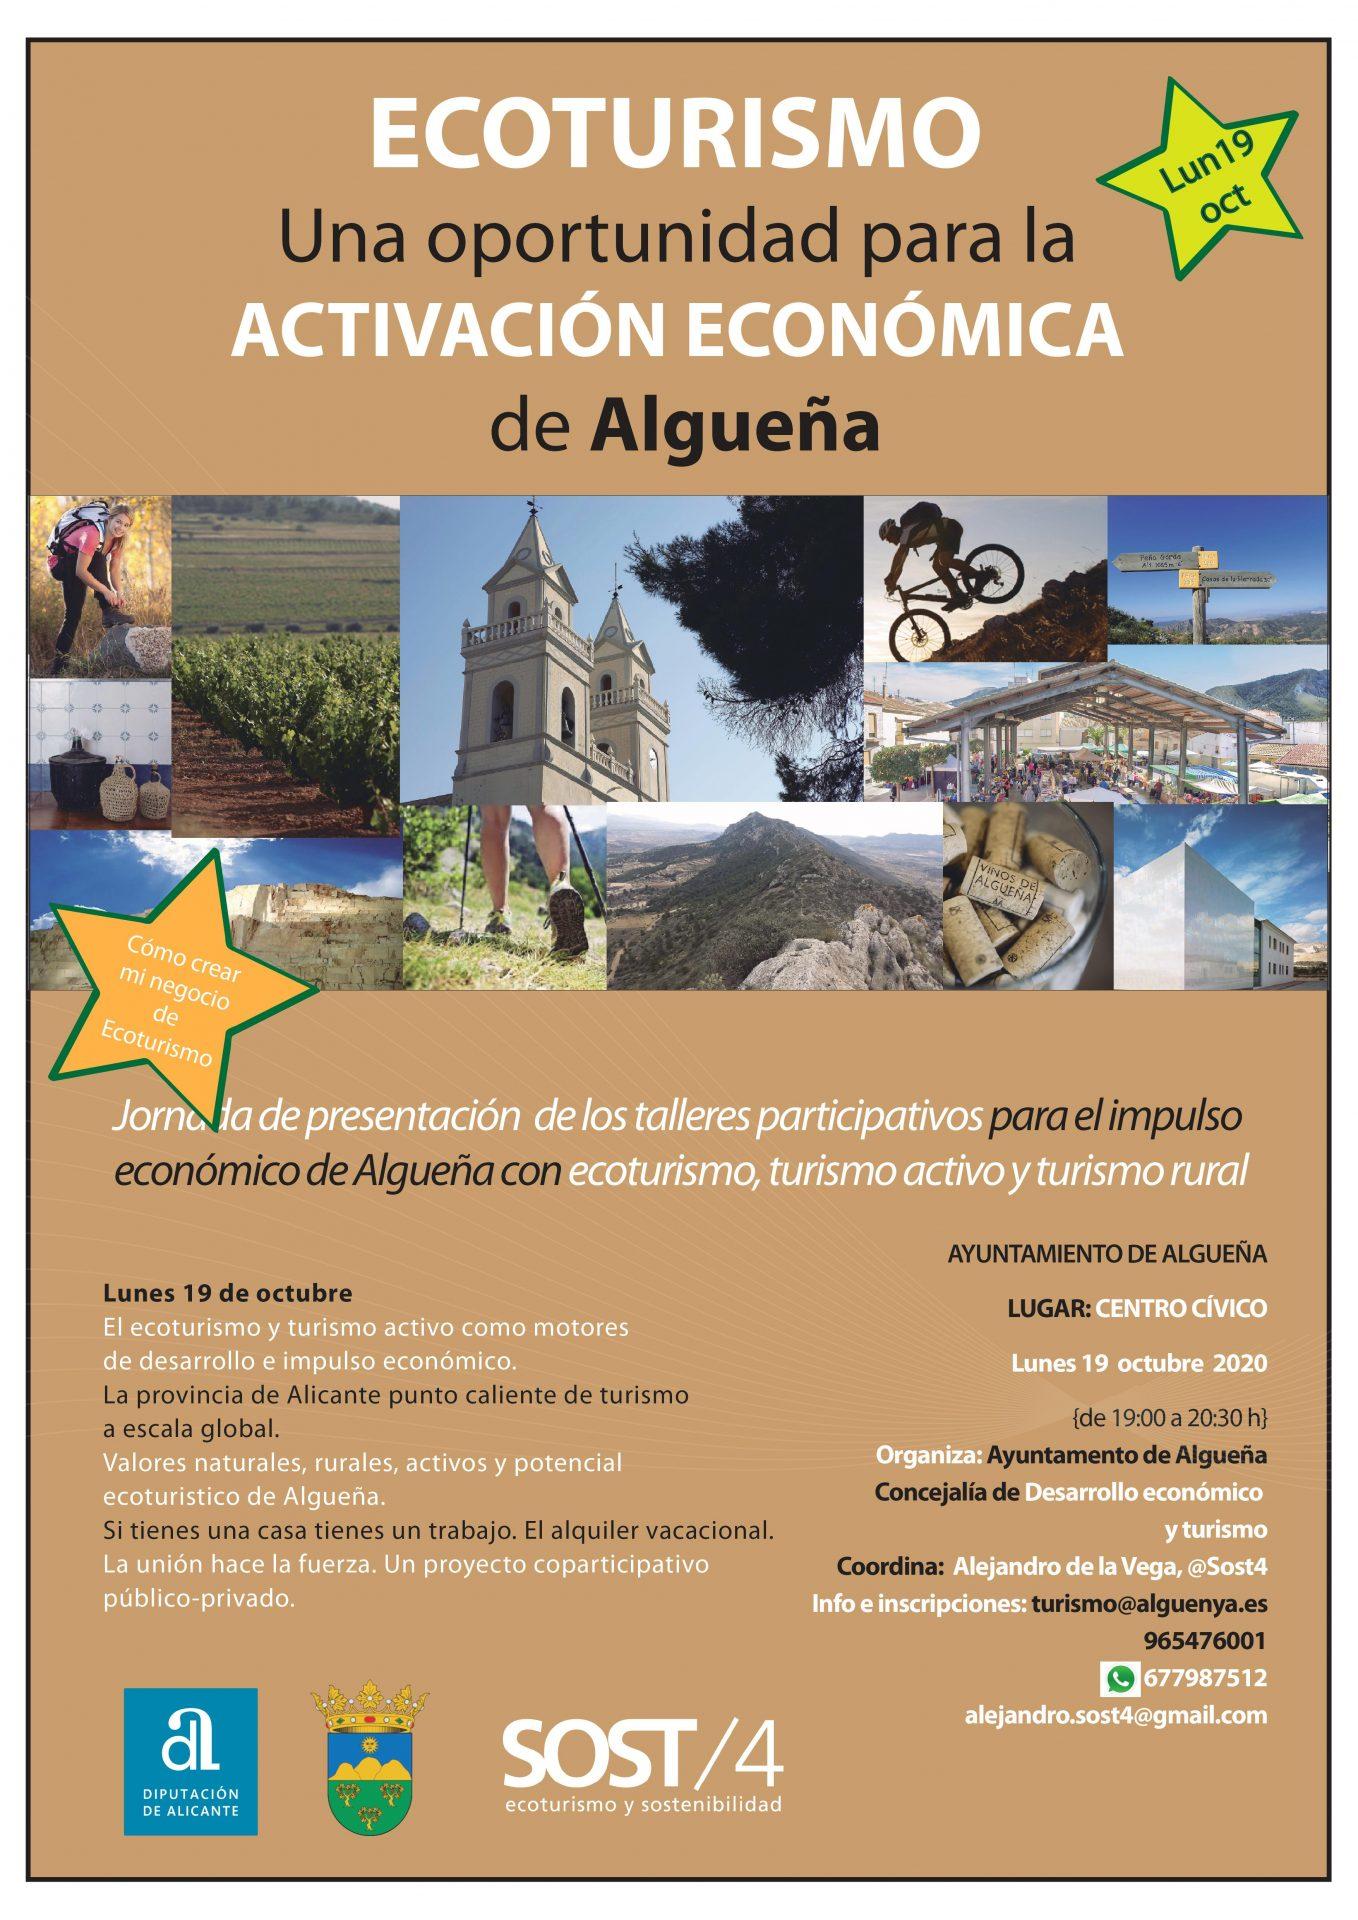 Jornada de presentación del Programa de impulso económico local a través del  ECOTURISMO, TURISMO ACTIVO Y TURISMO RURAL en ALGUEÑA